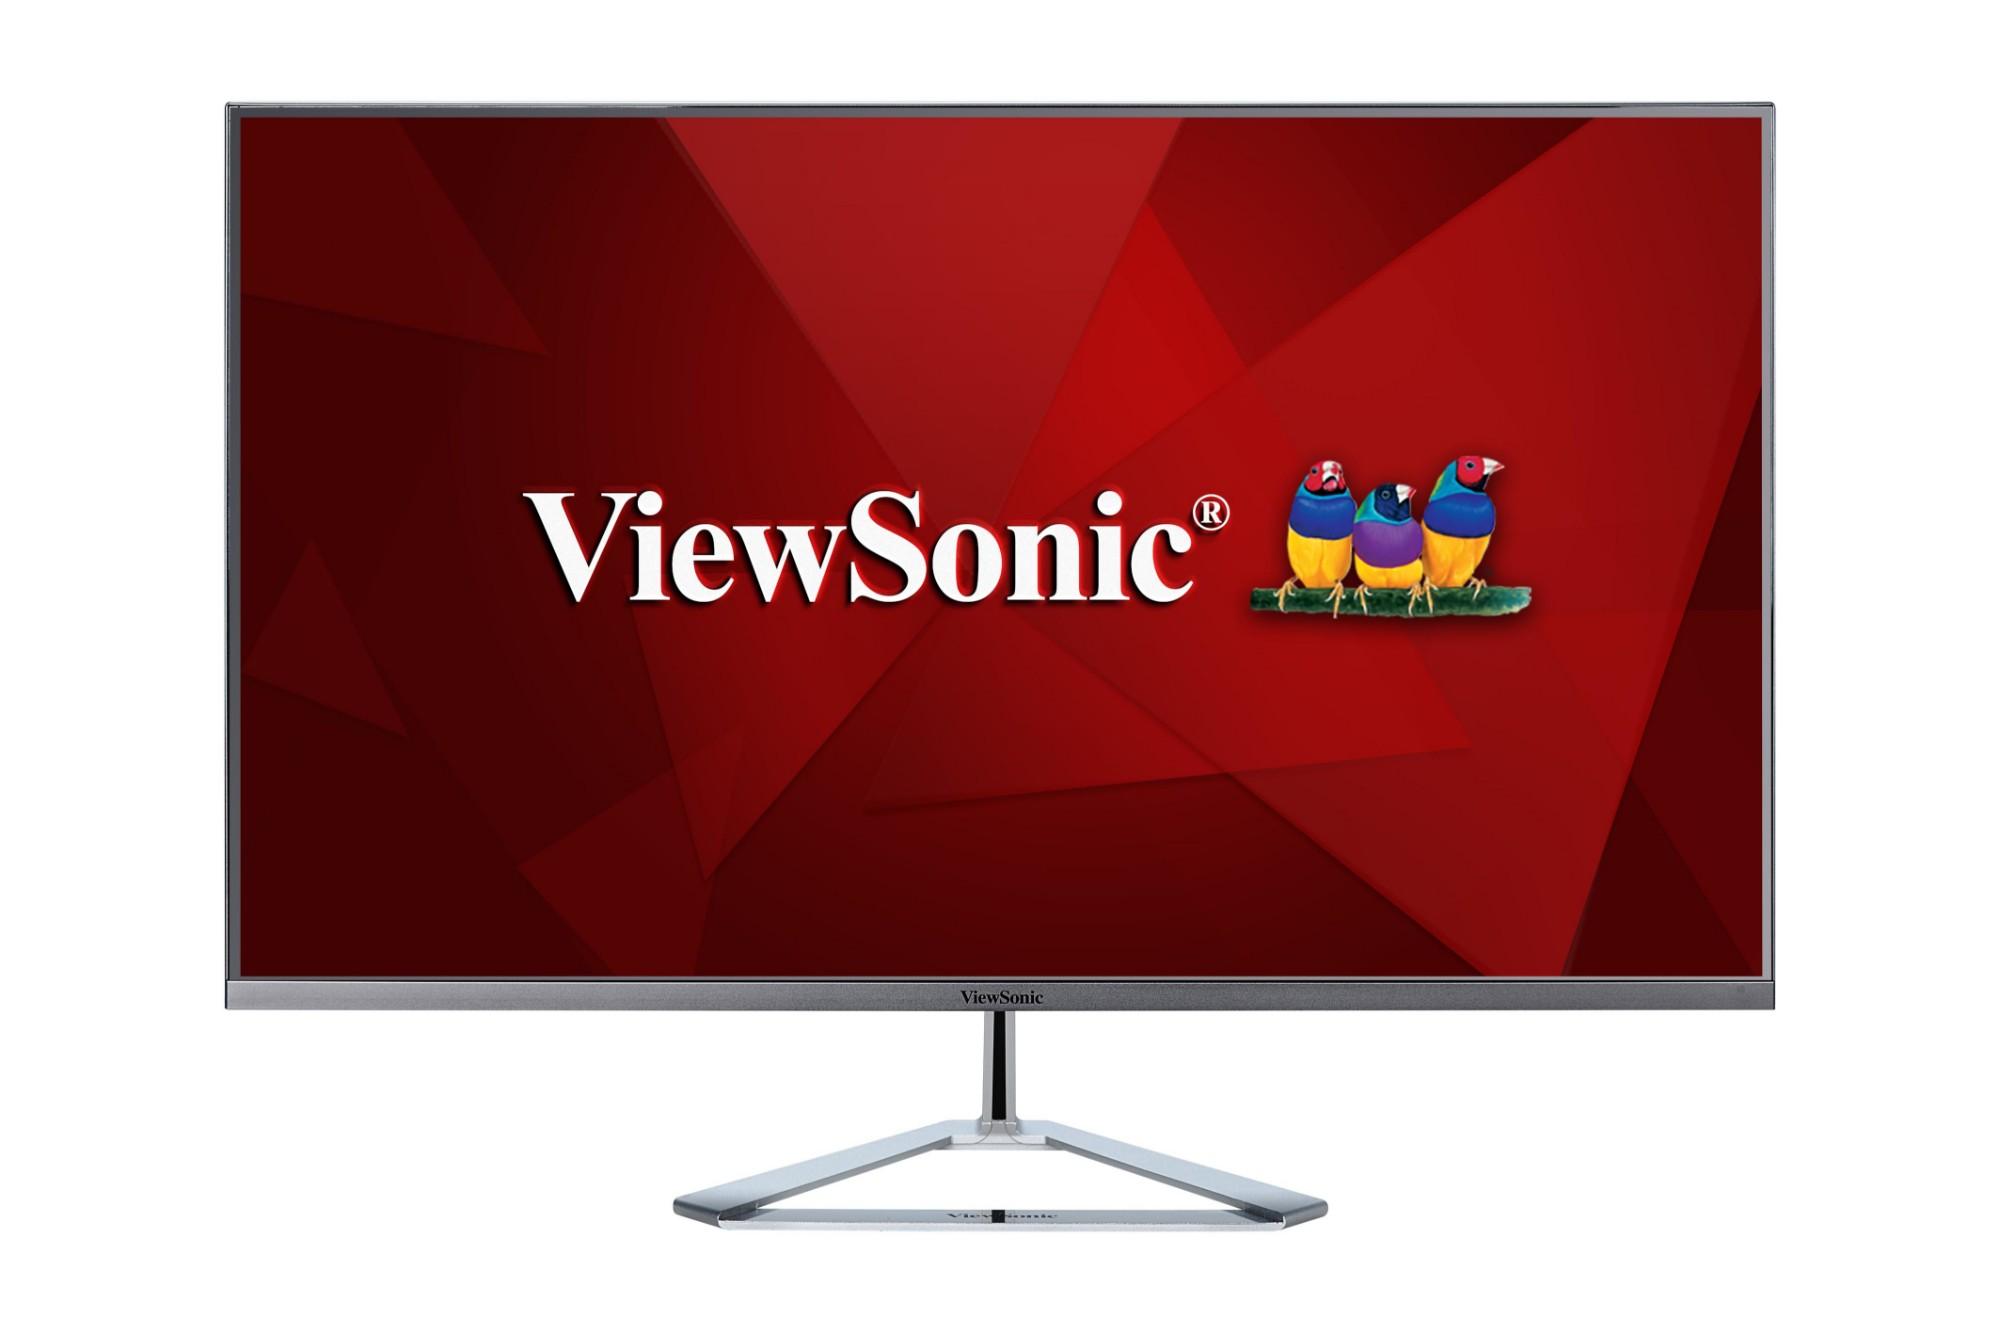 Viewsonic VX Series VX3276-mhd-2 81.3 cm (32